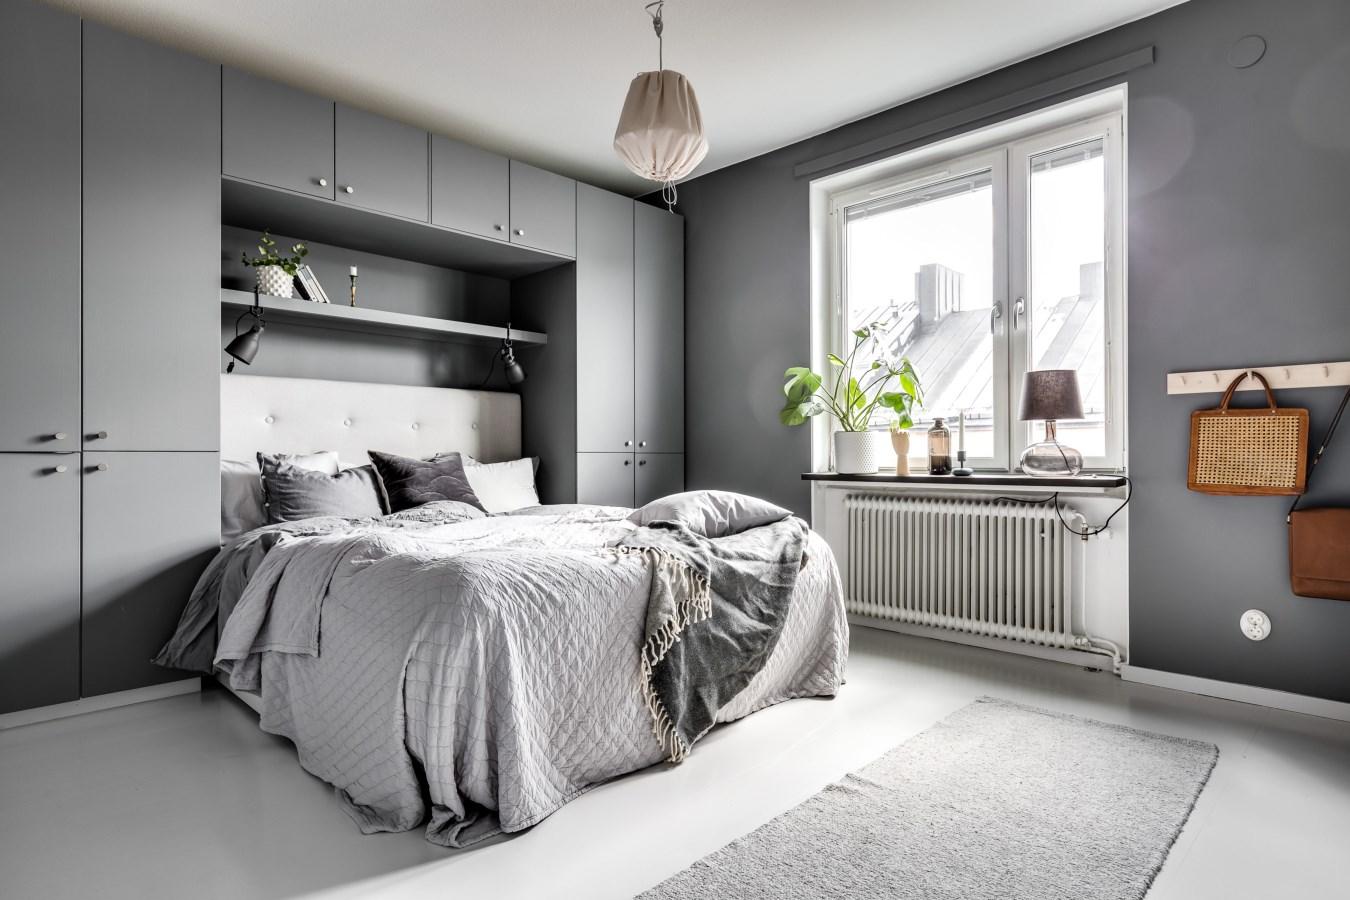 Grijs witte slaapkamer met inbouwkast als hoofdbord